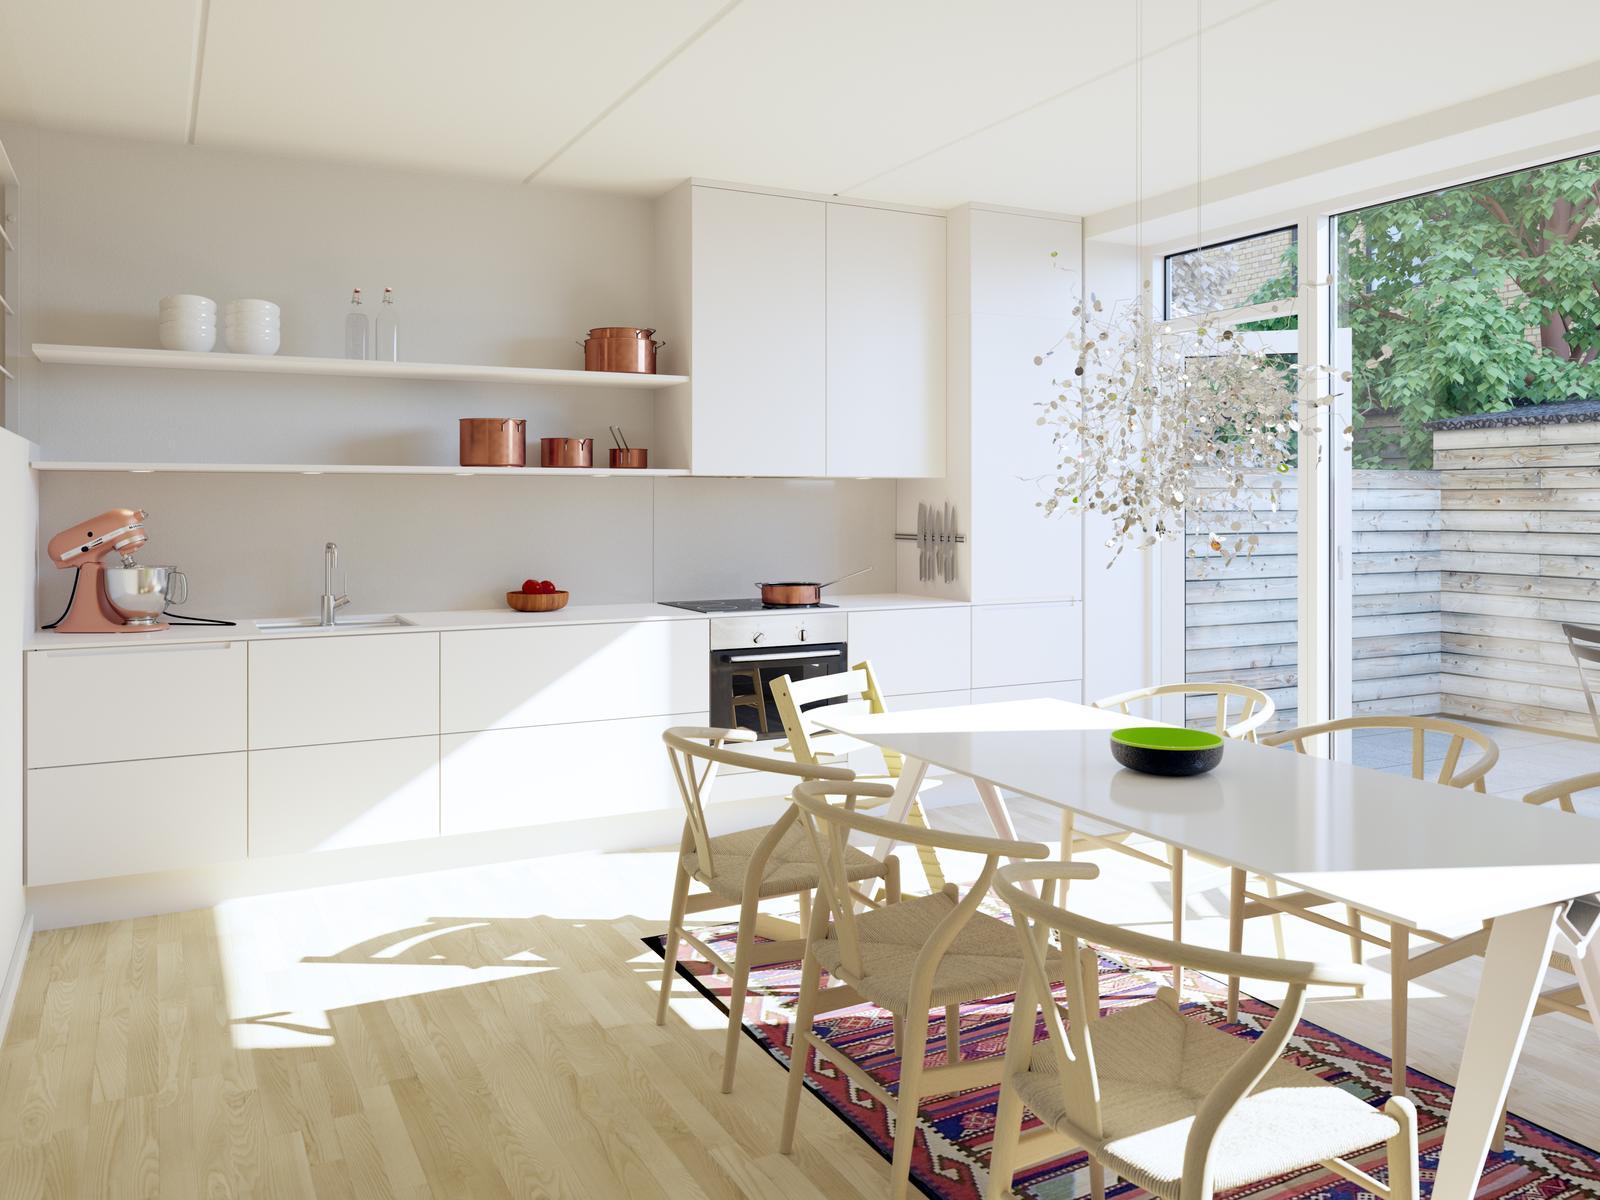 Snehobiela kuchyňa - Obrázok č. 92